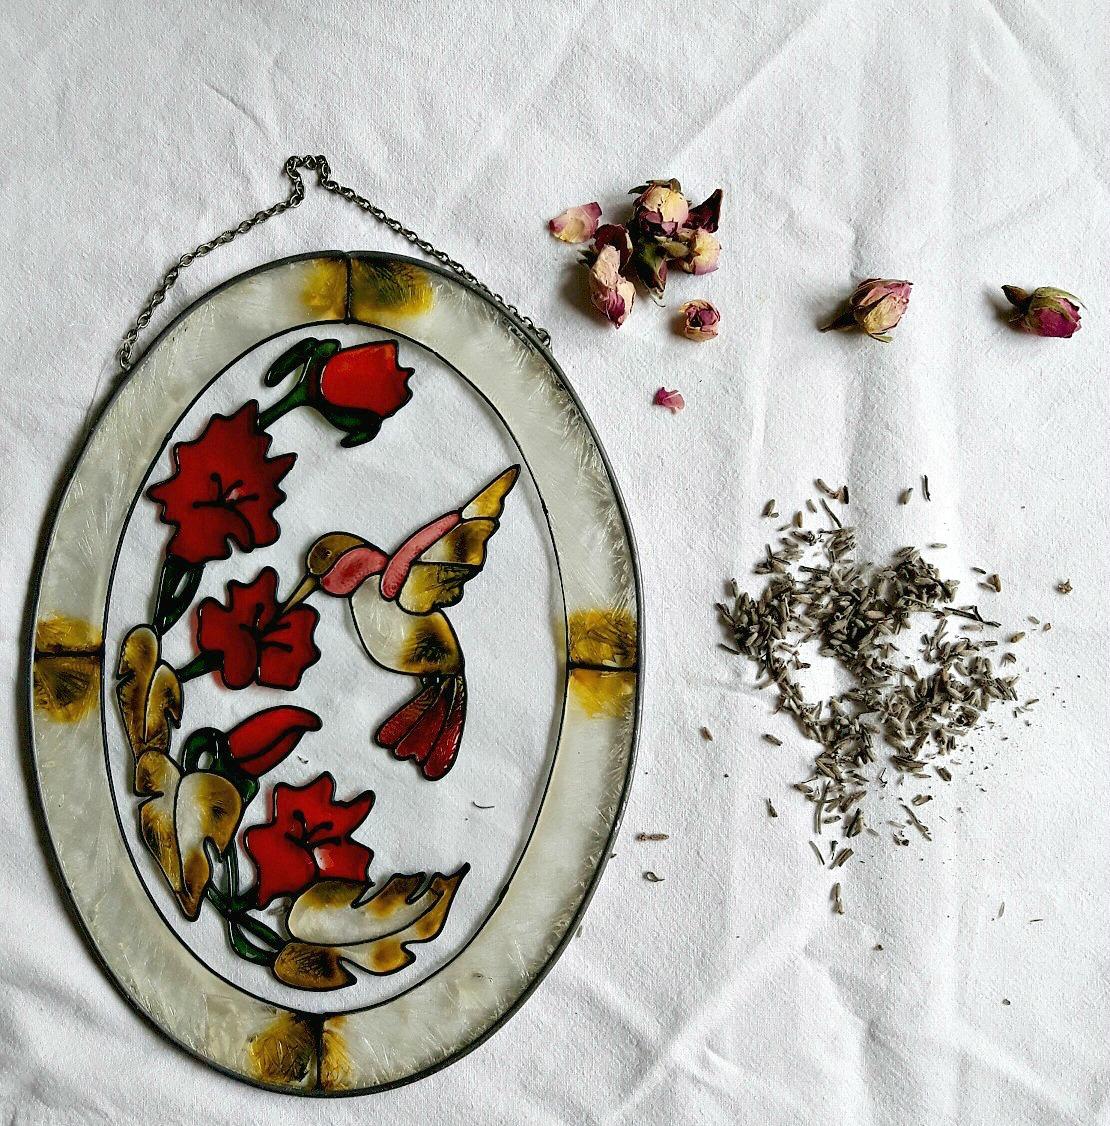 Special de 8 Martie. Pâine plată mediteraneană cu boboci de lavandă și de trandafir